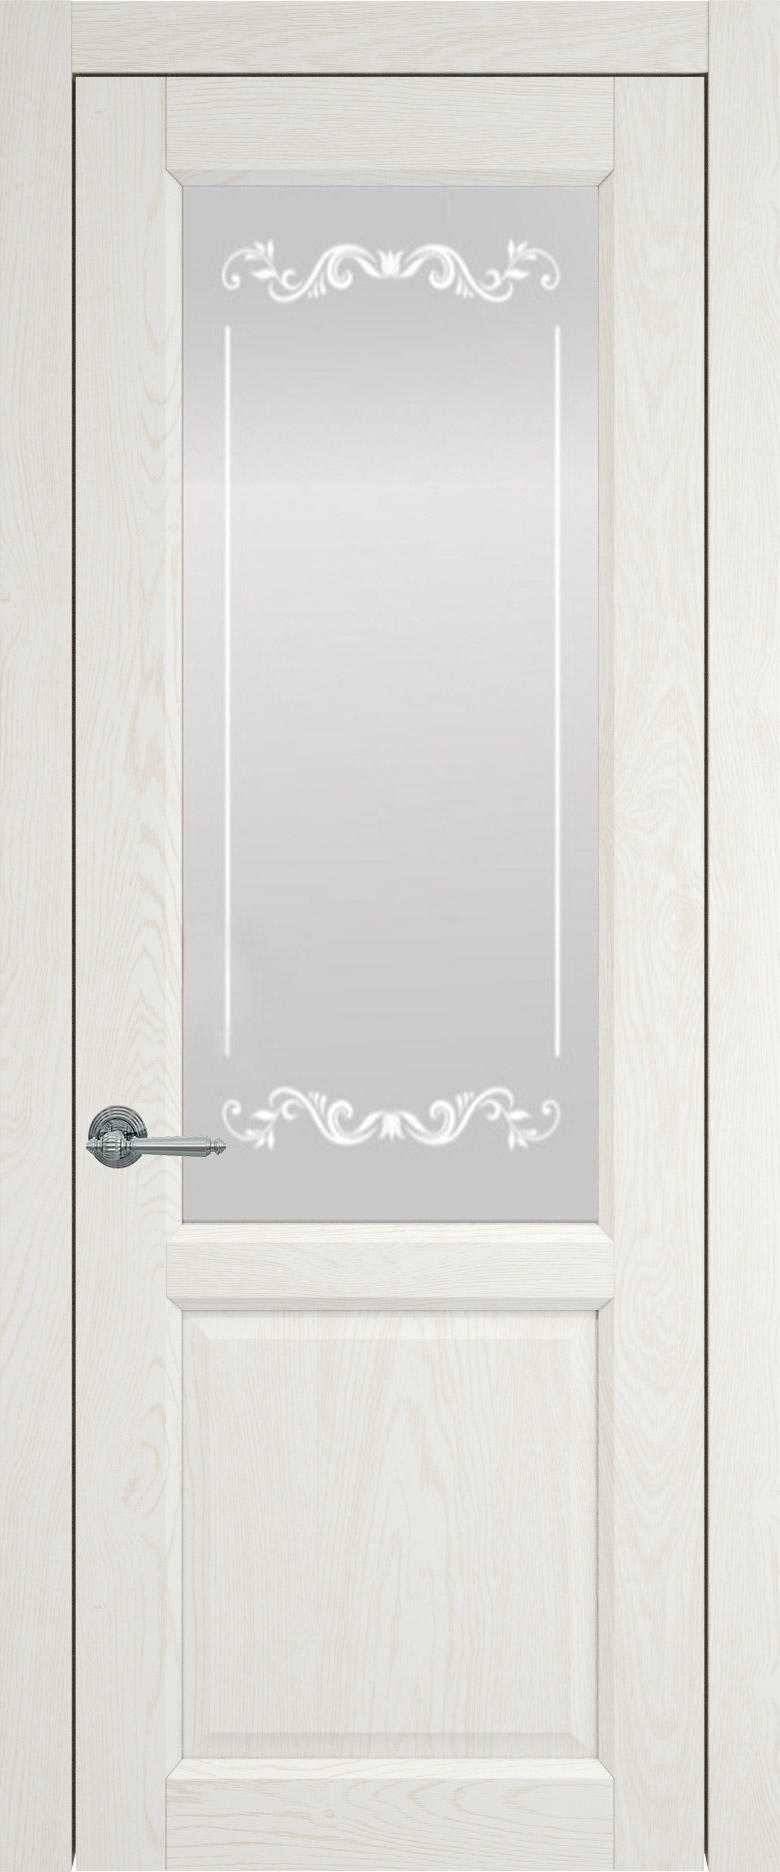 Dinastia цвет - Белый ясень (nano-flex) Со стеклом (ДО)